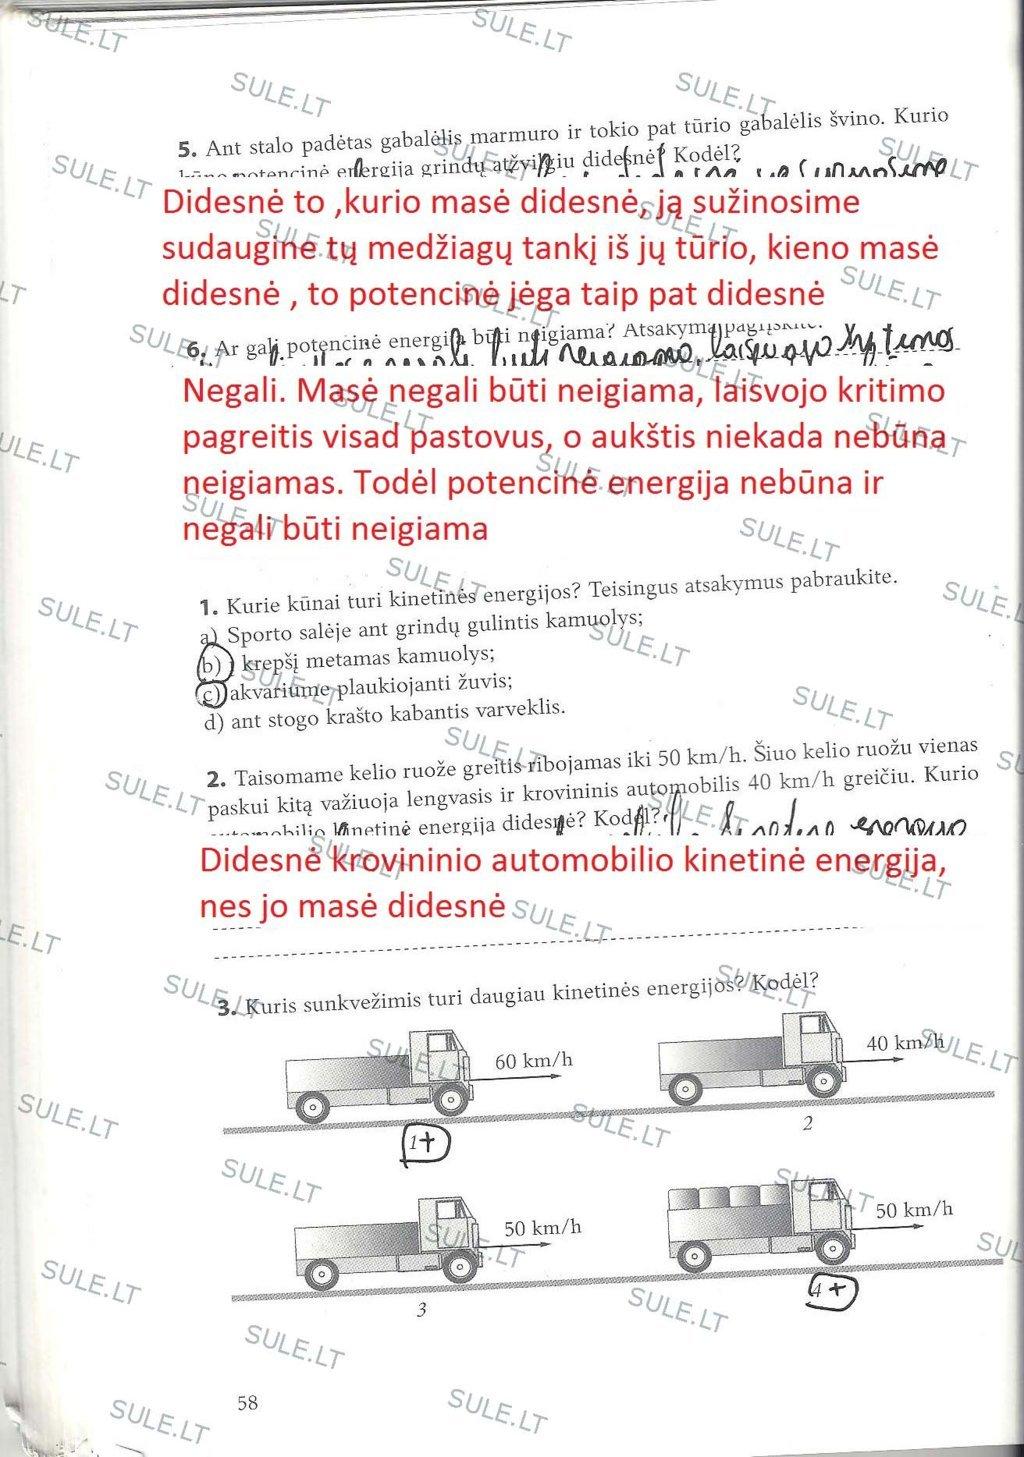 Peržiūrėti puslapį 37